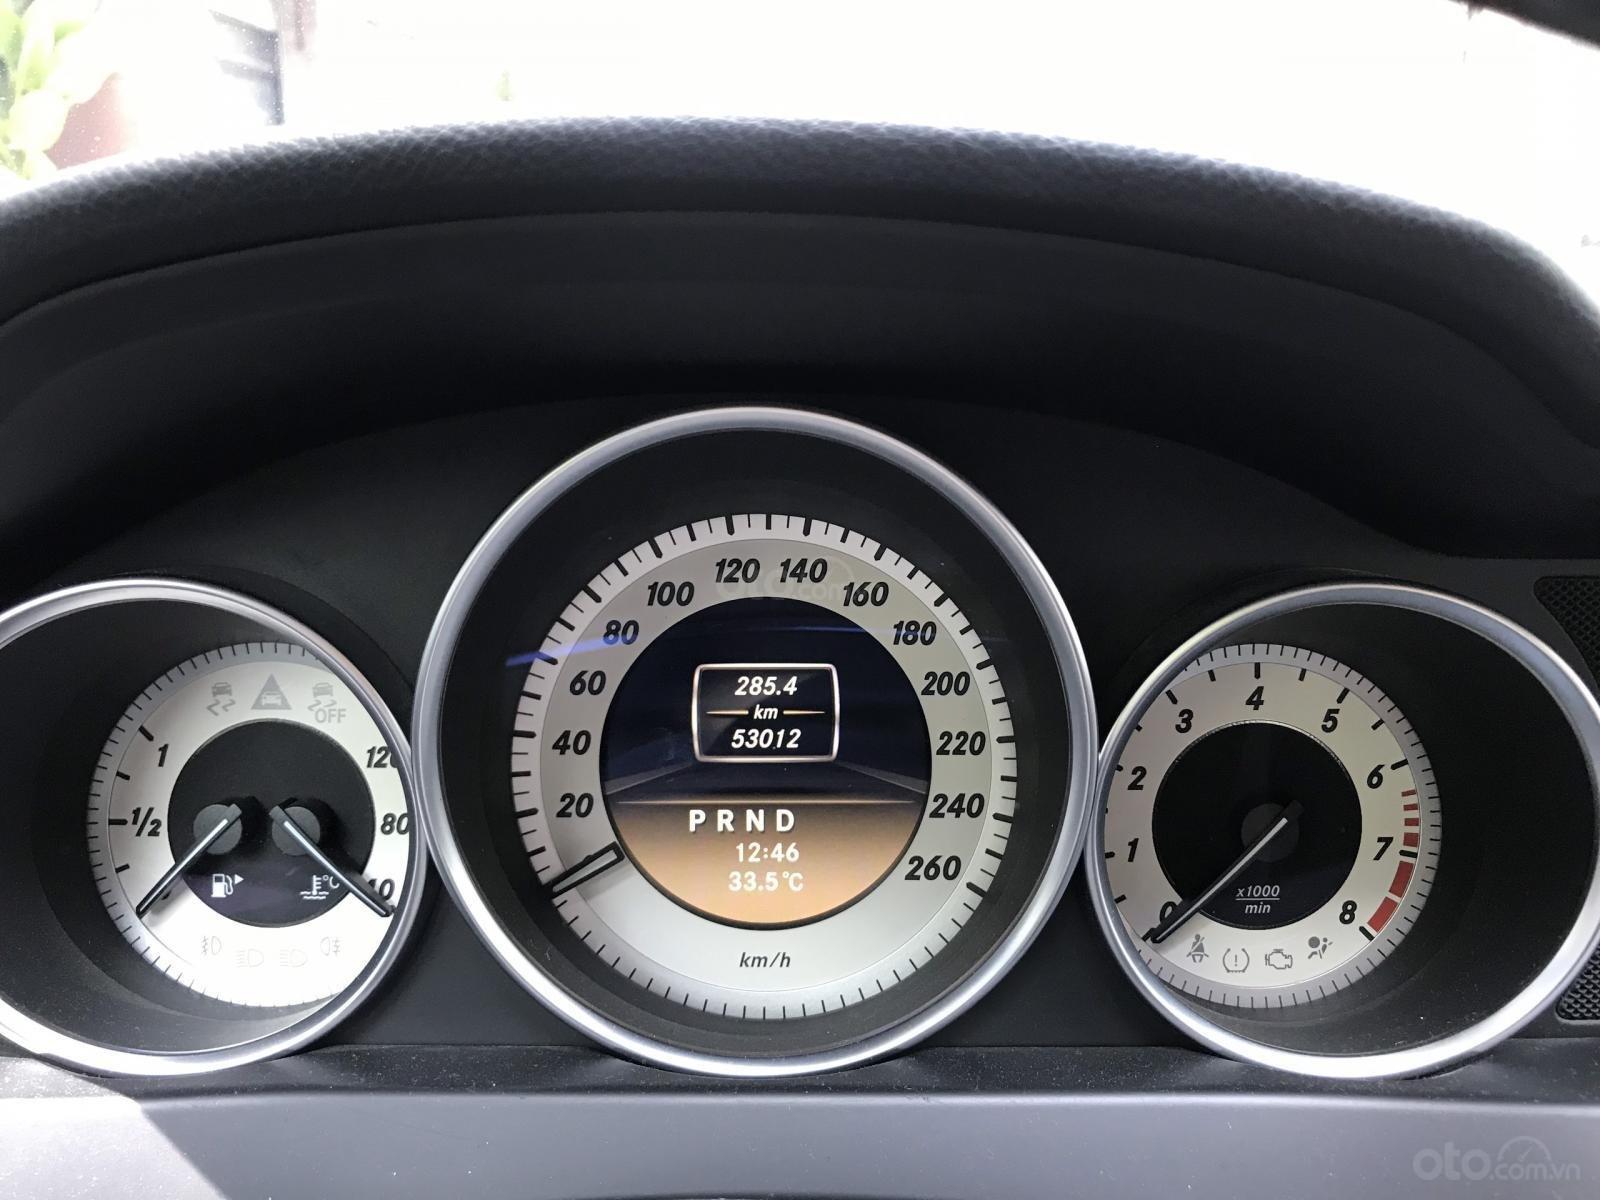 Bán Mercedes C250 sản xuất 2012, màu xám, đi 52000km, xe chính chủ-7